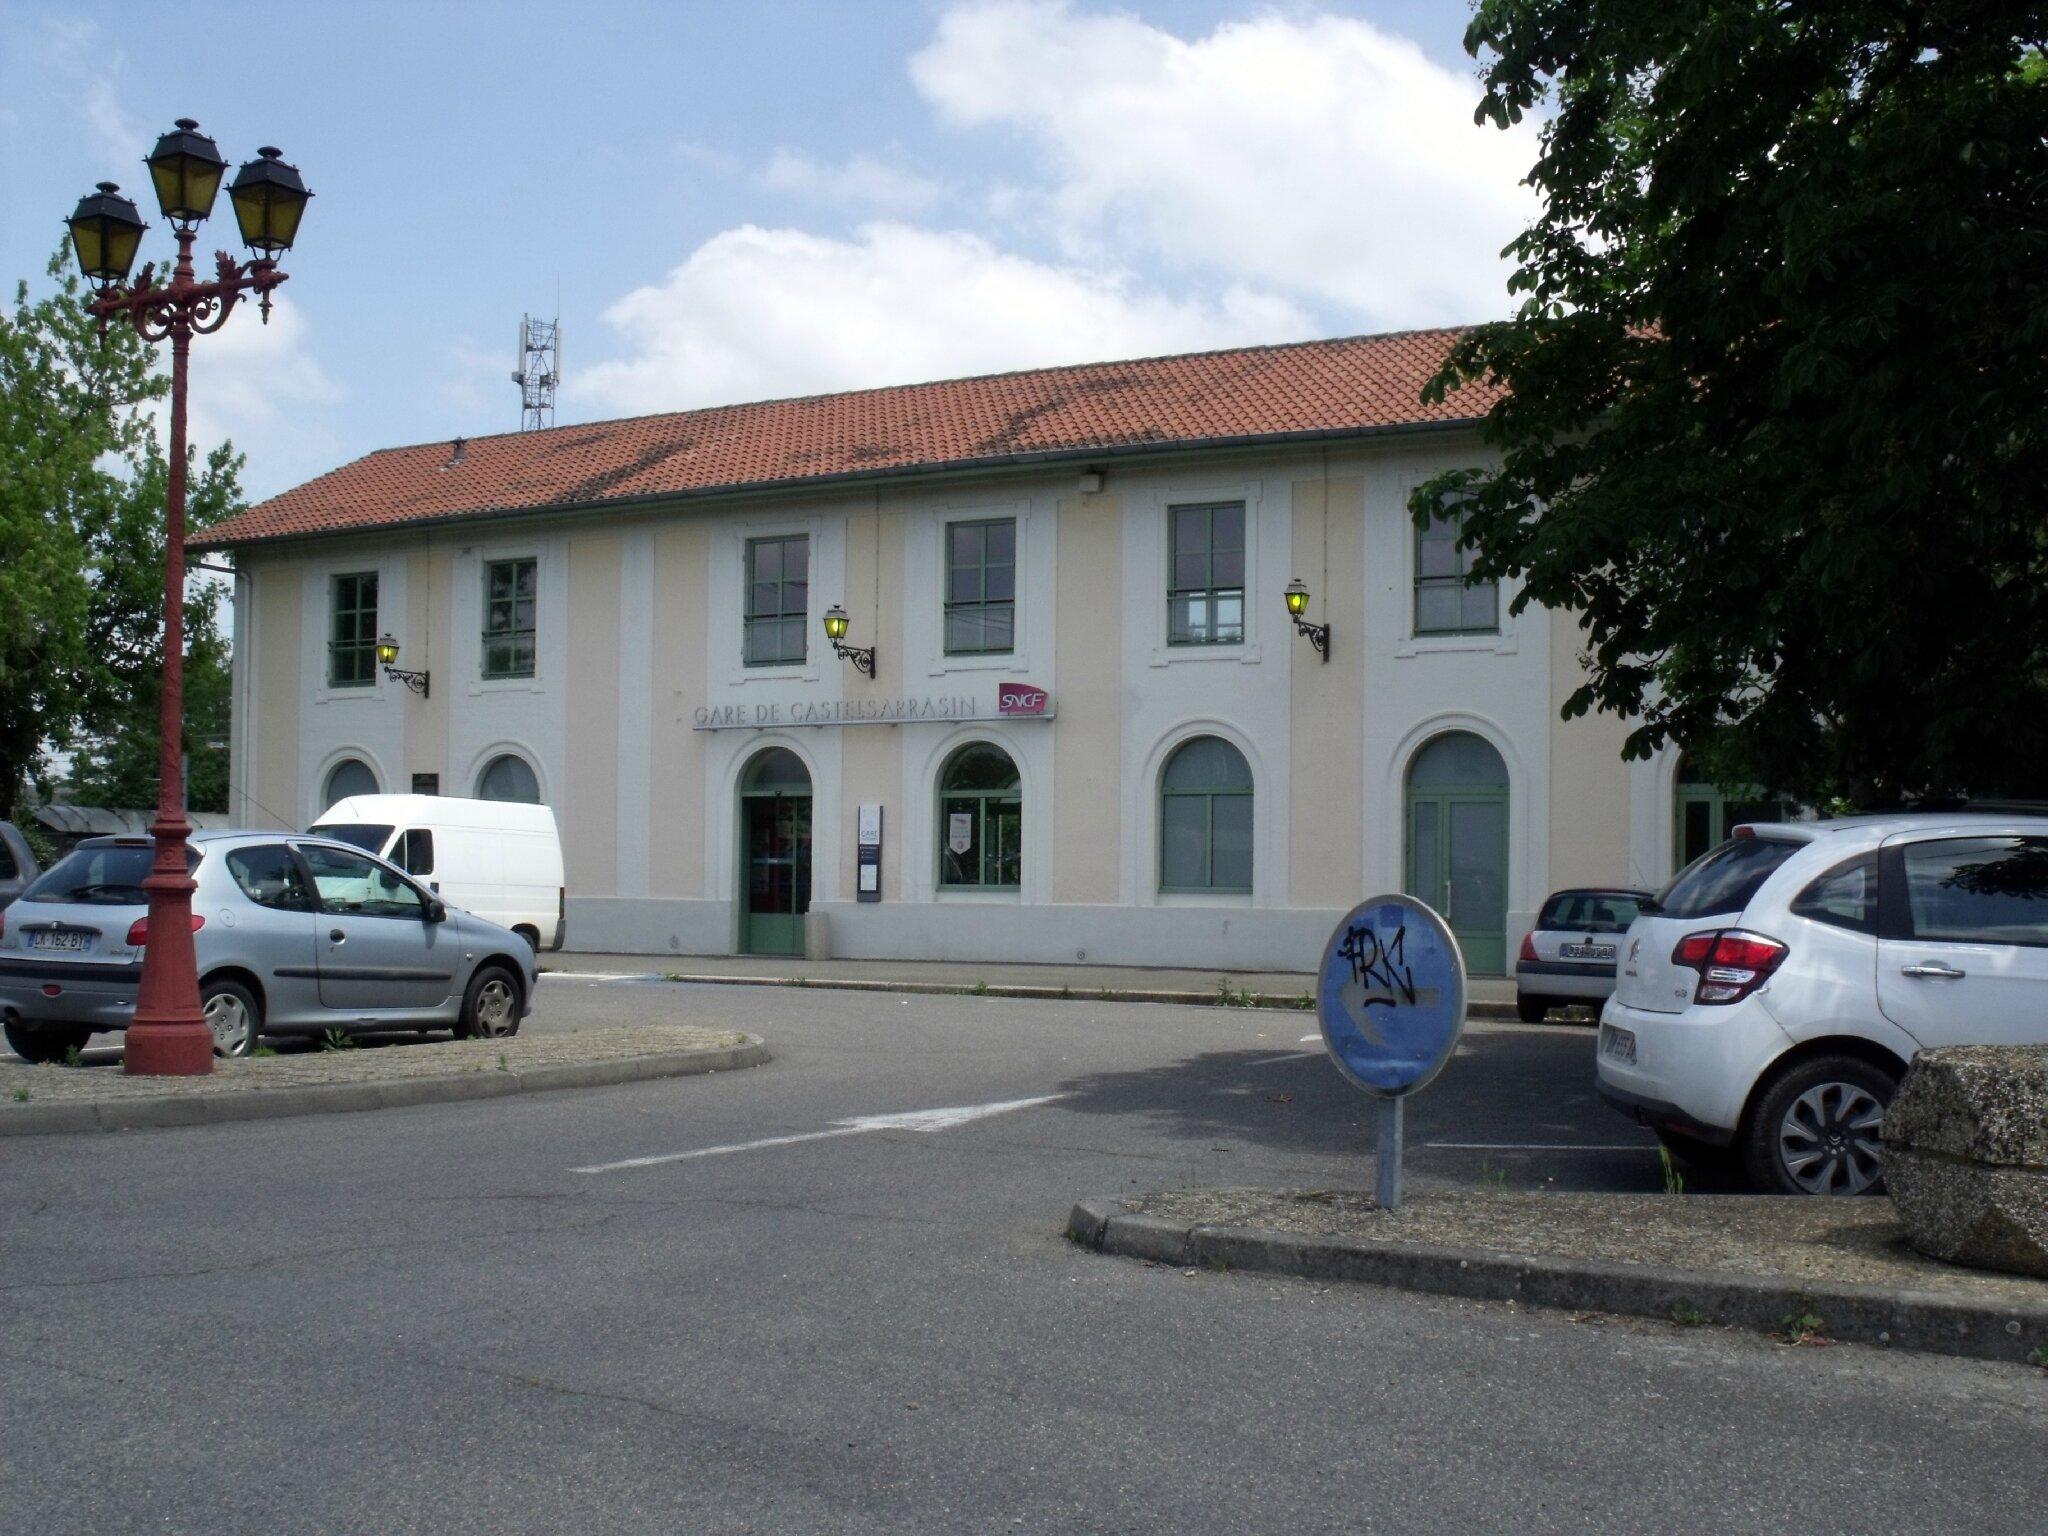 Castelsarrasin (Tarn-et-Garonne - 82)